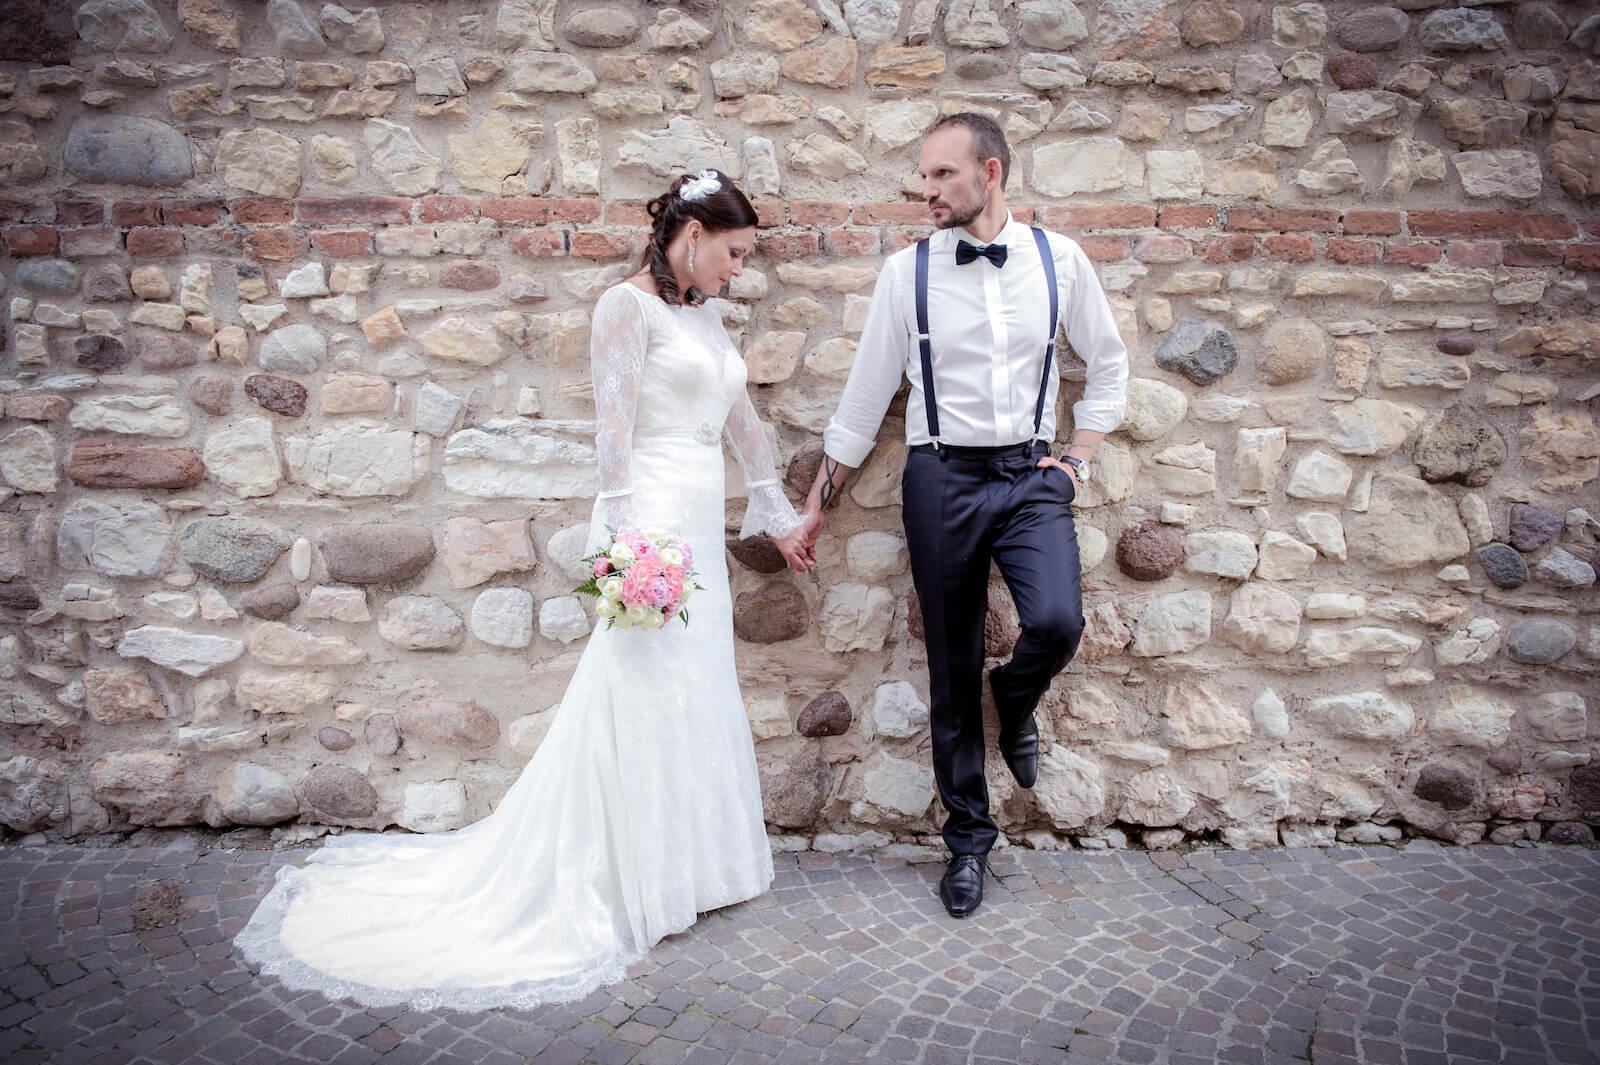 Hochzeit Gardasee - Paarshooting an einer alten Steinmauer